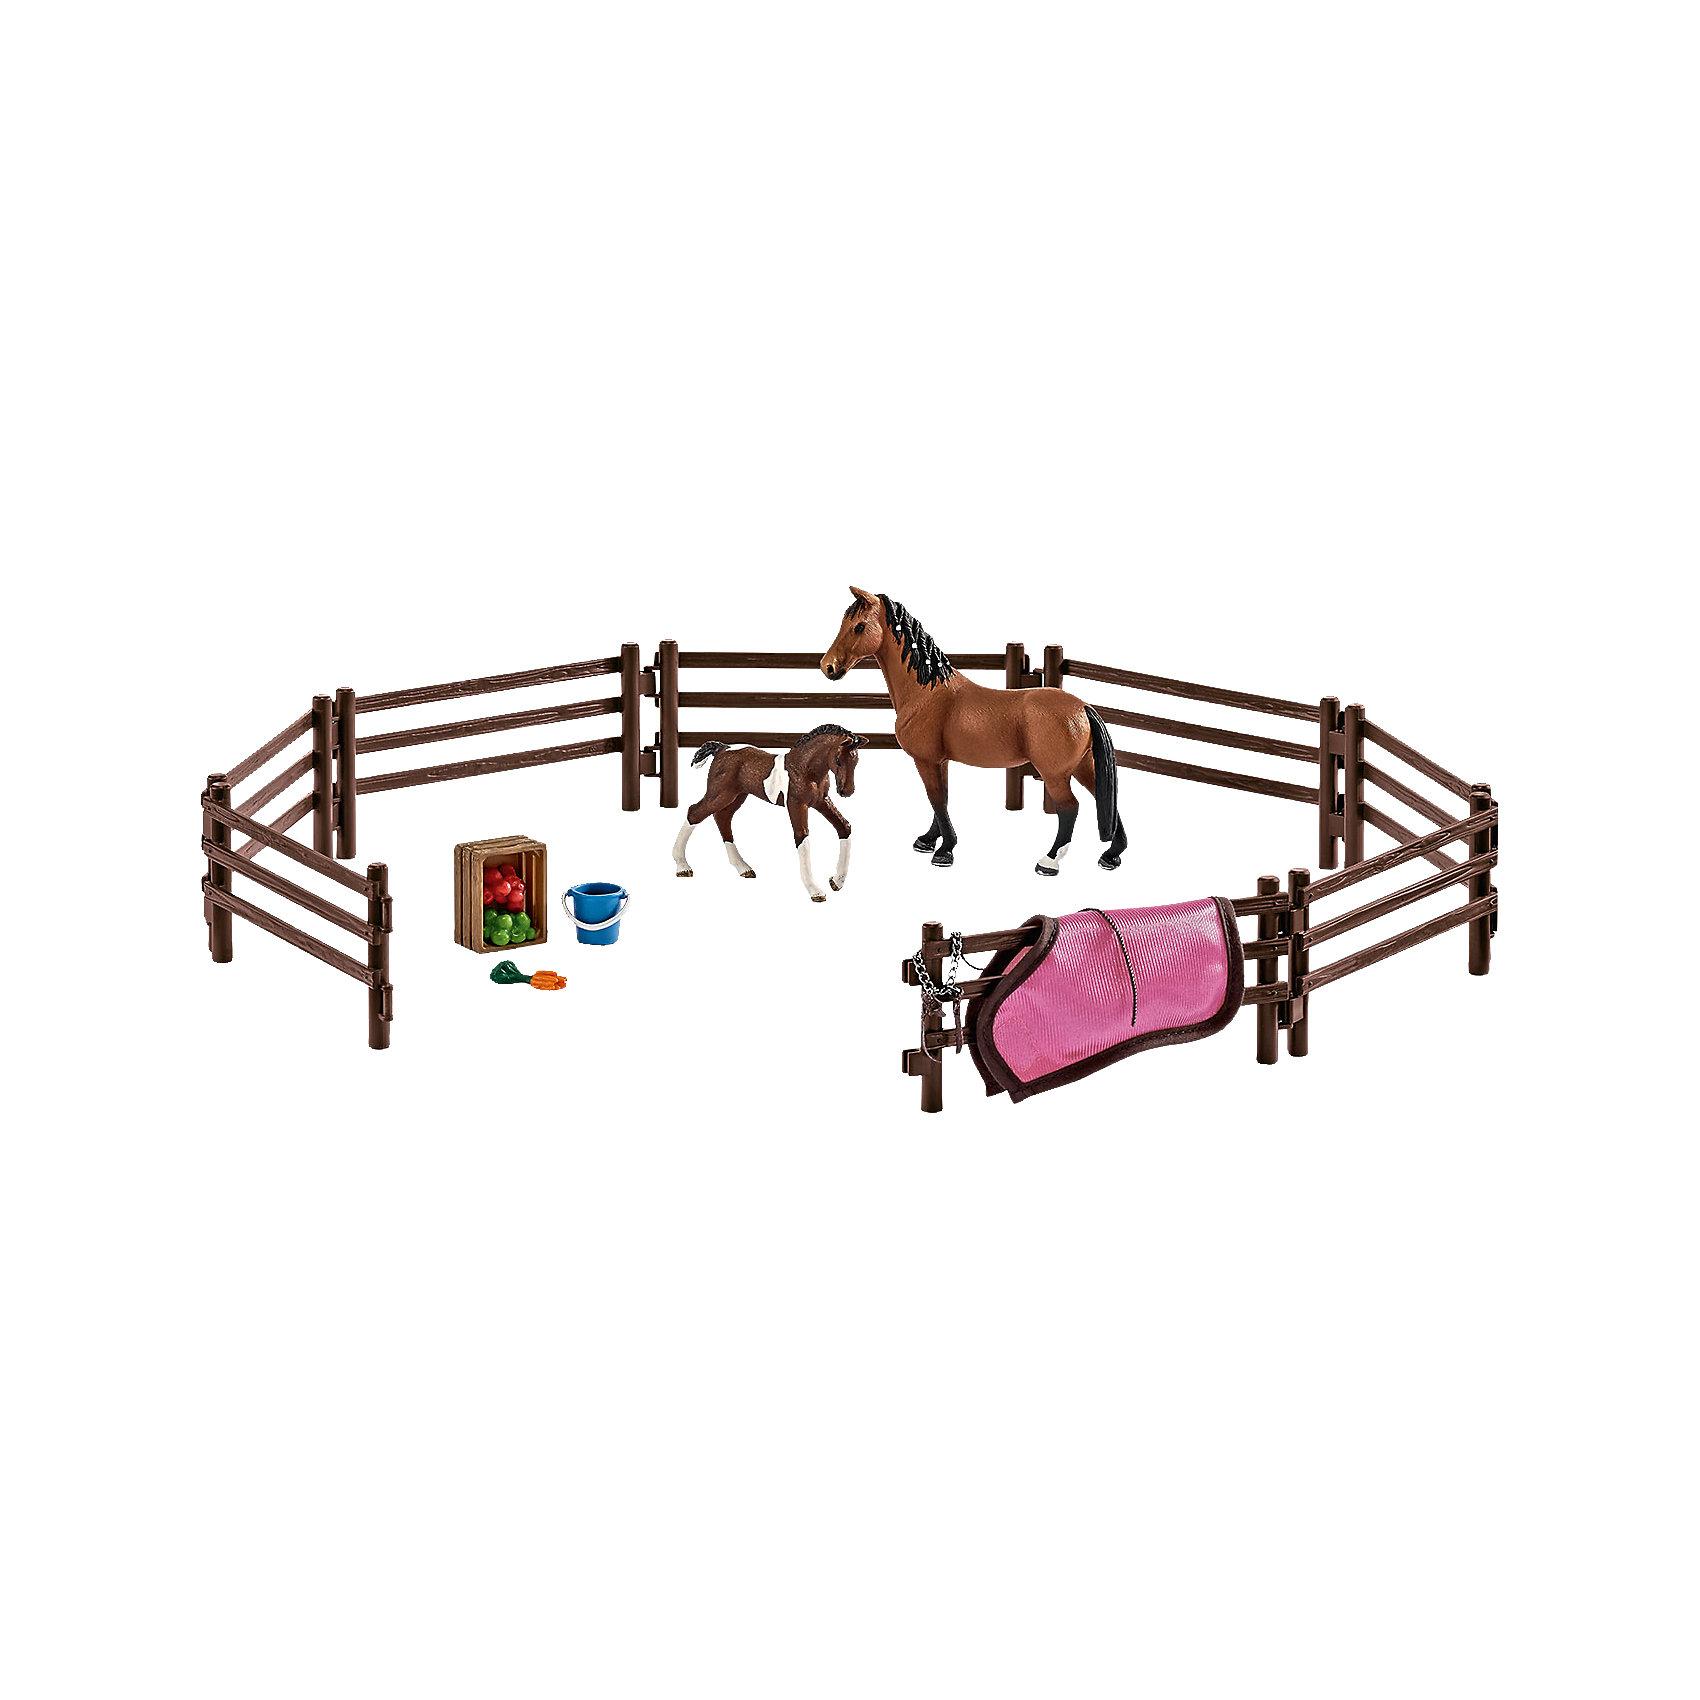 Набор Загон (без животных и аксессуаров), SchleichМир животных<br>Набор Загон, Schleich (Шляйх) станет прекрасным подарком для всех юных любителей грациозных животных и отличным дополнением к другим игровым наборам данной серии Шляйх. Вы сможете сделать жизнь своих любимиц более приятной и комфортной, ежедневно выгуливая их на свежем воздухе. В комплект входят детали для сборки загона. Все детали изготовлены из качественного каучукового пластика, который безопасен для детей, приятны на ощупь, раскрашены вручную и имеют оригинальную текстуру, повторяющую образ реальных предметов.<br> Лошадки и аксессуары Schleich в комплект не входят, приобретаются отдельно.<br><br>Дополнительная информация:<br><br>- В комплекте: детали для сборки загона.<br>- Лошадки в комплект не входят!<br>- Материал: каучуковый пластик.<br>- Размер упаковки: 19 x 11 x 17,25 см. <br>- Вес: 0,372 кг.<br><br>Набор Загон (без животных и аксессуаров), Schleich (Шляйх) можно купить в нашем интернет-магазине.<br><br>Ширина мм: 192<br>Глубина мм: 174<br>Высота мм: 112<br>Вес г: 349<br>Возраст от месяцев: 36<br>Возраст до месяцев: 96<br>Пол: Женский<br>Возраст: Детский<br>SKU: 3902601